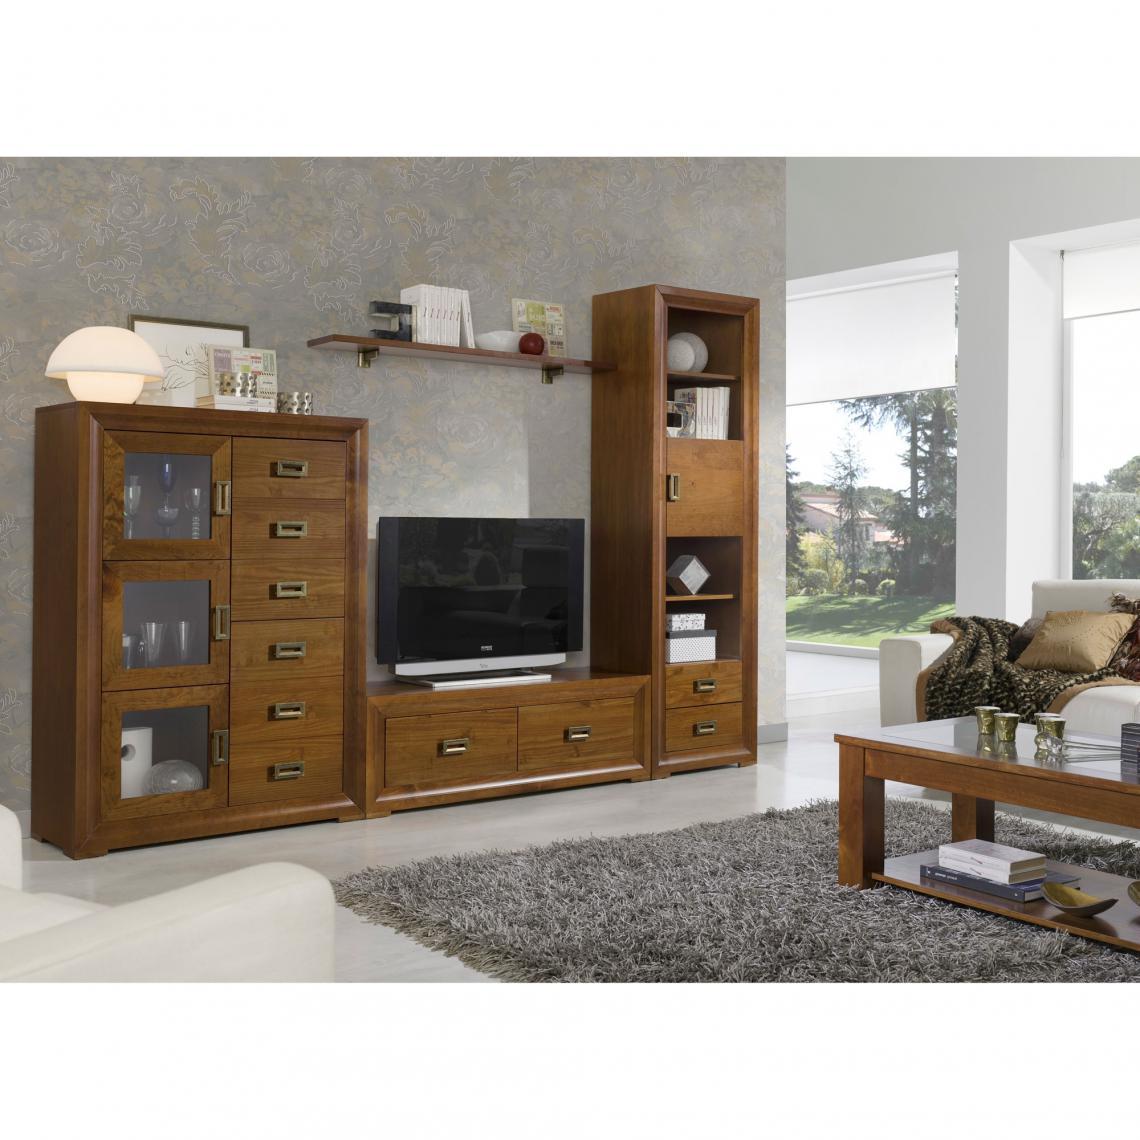 meuble tv 2 tiroirs verona teinte cerisier 3 suisses mobilier deco